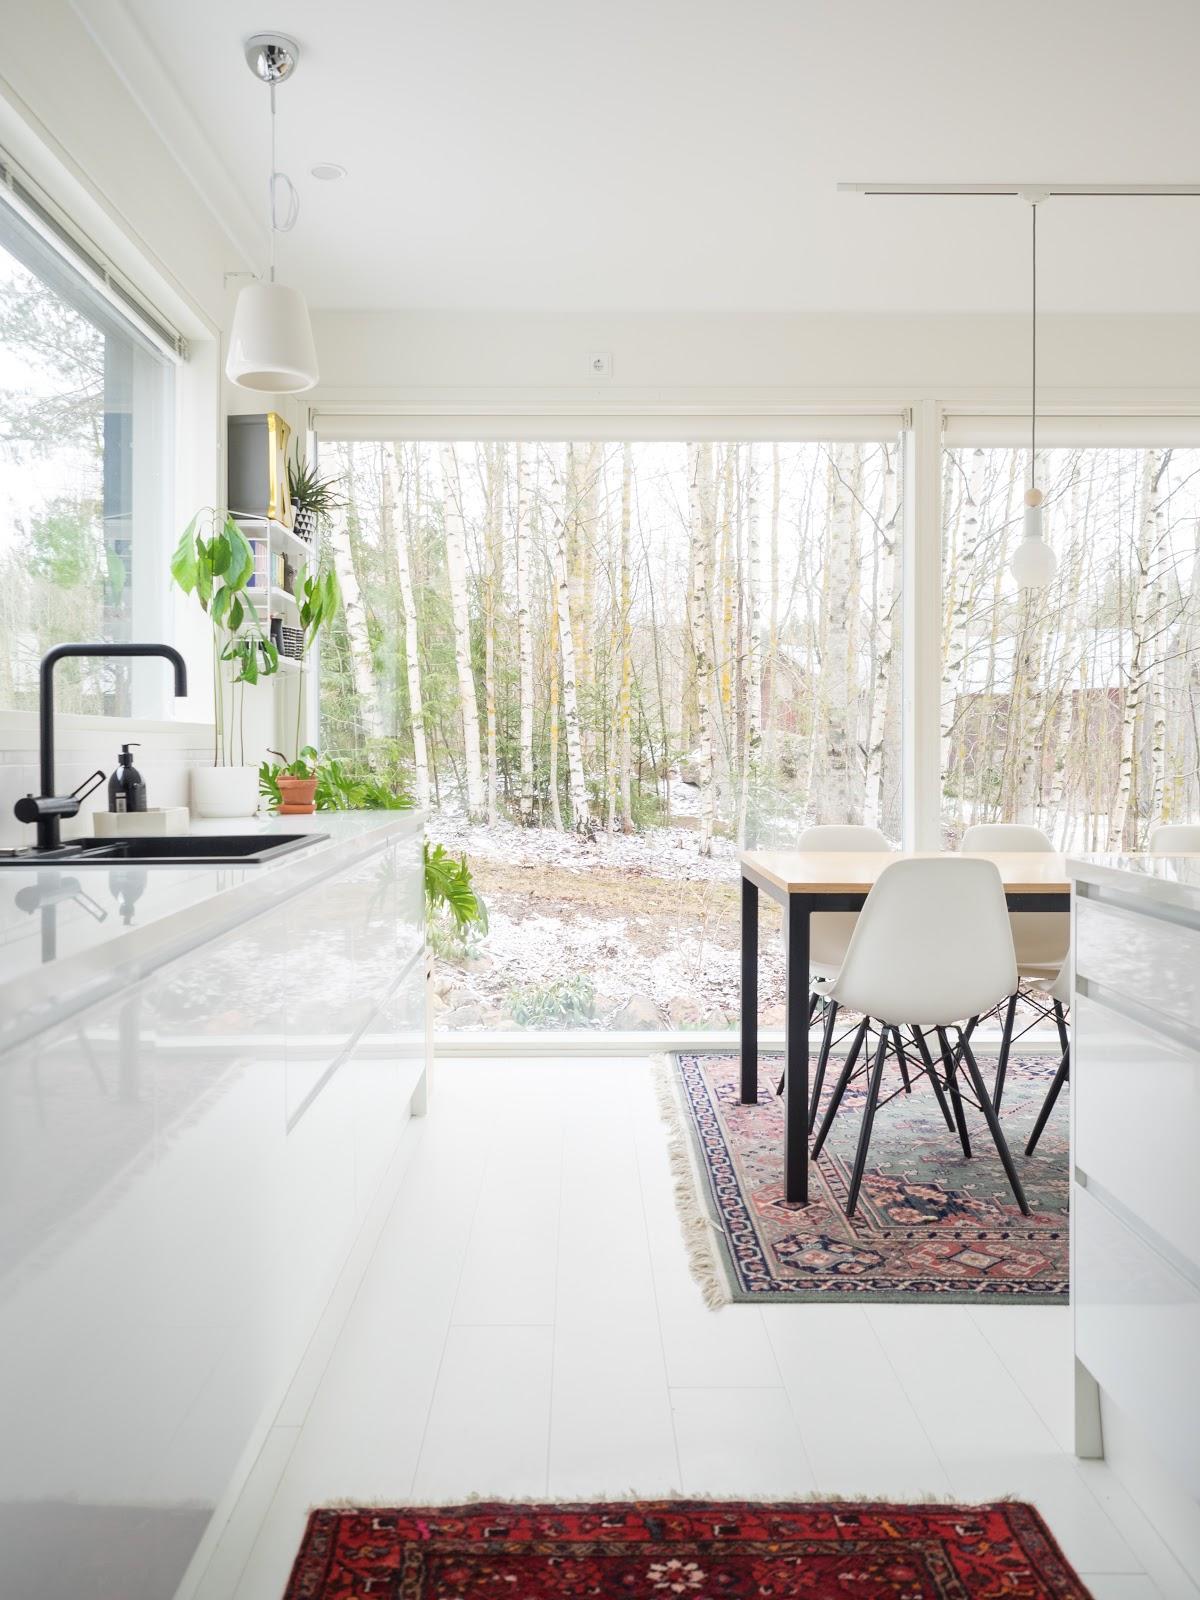 Talostakoti moderni keittiö